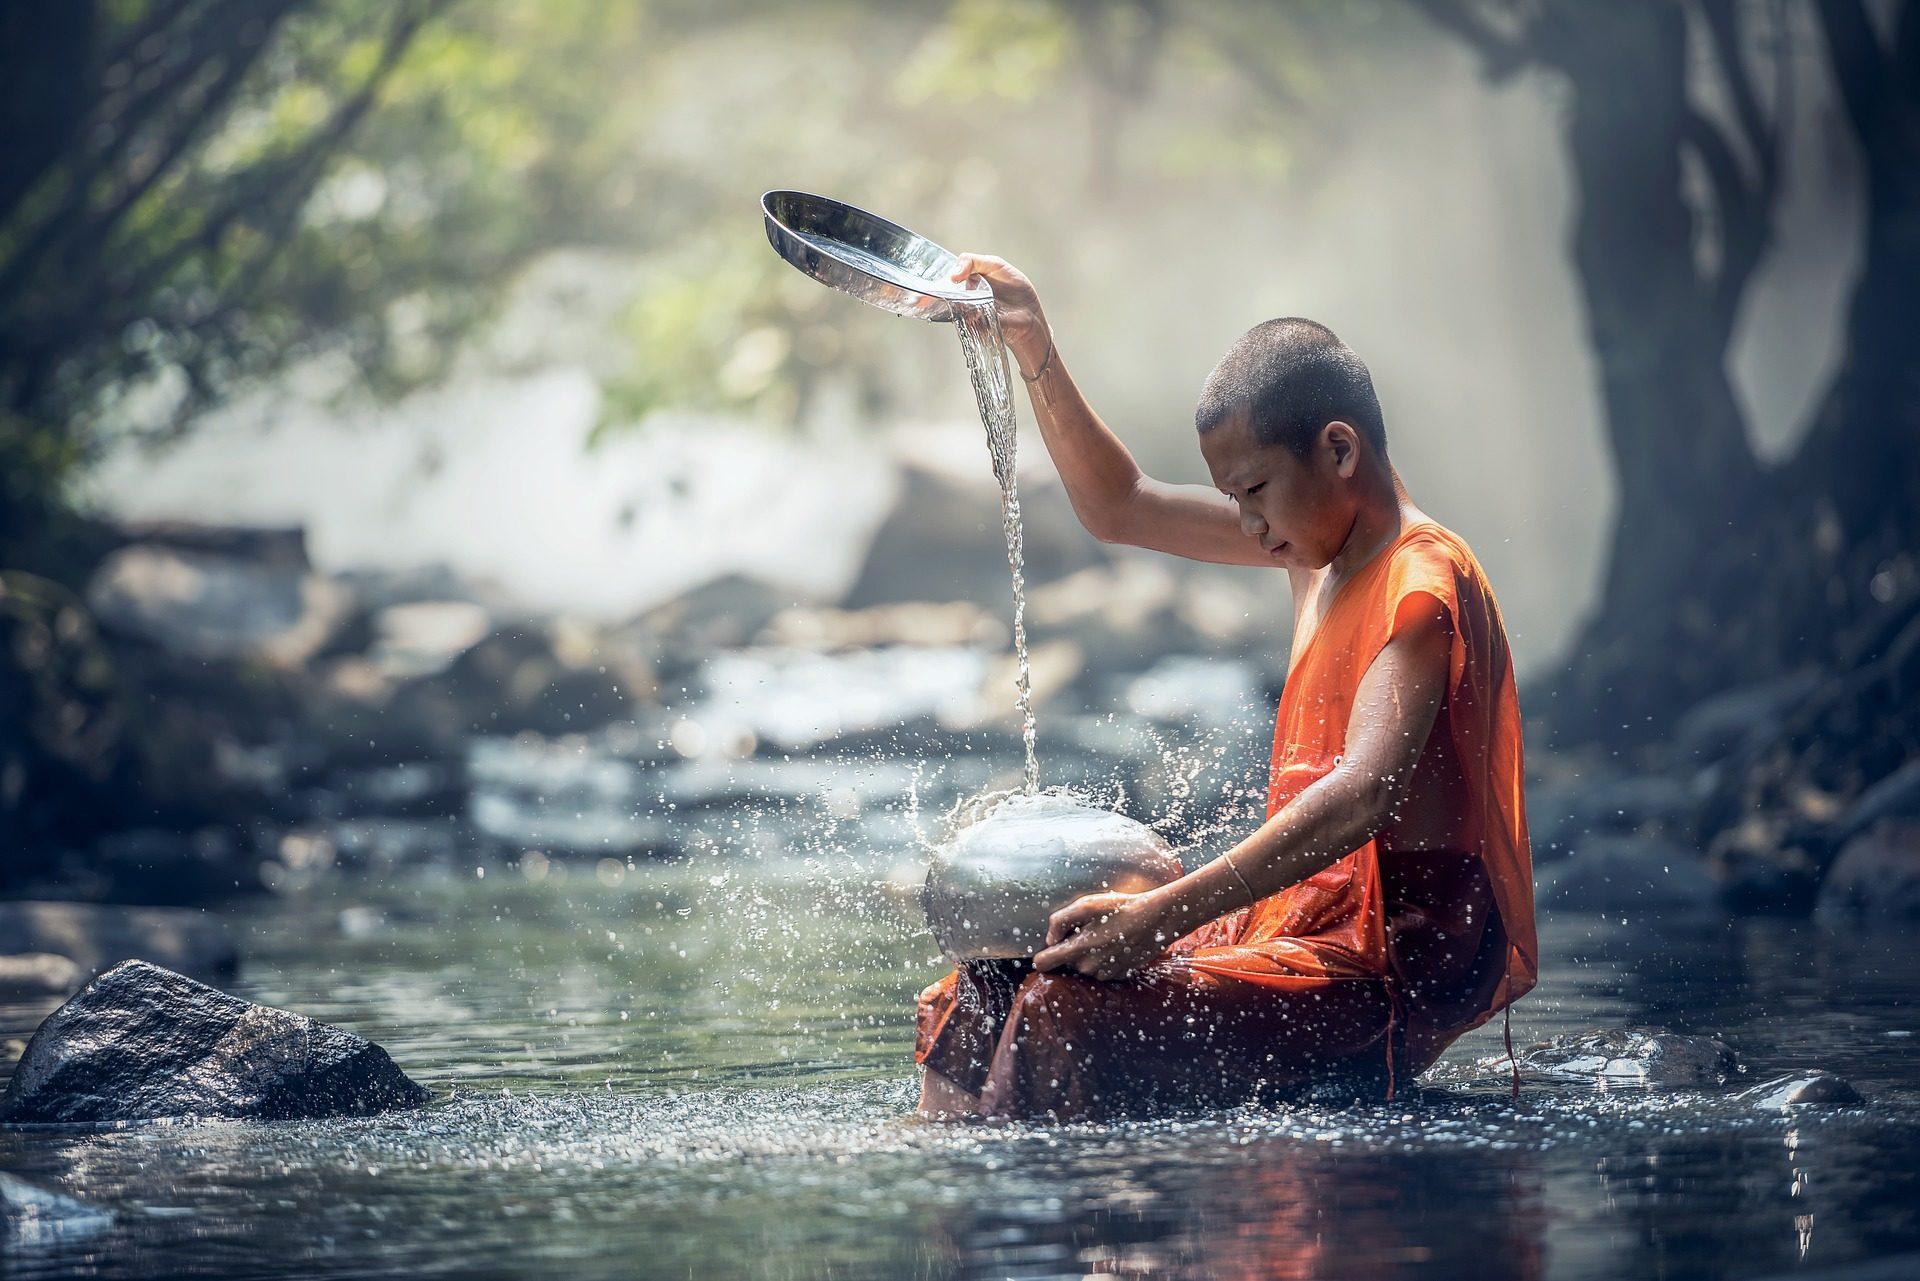 Ο τύπος, Ποταμός, Ο Βουδισμός, ζωή, θρησκεία, Ανατολική, Πνευματικότητα - Wallpapers HD - Professor-falken.com